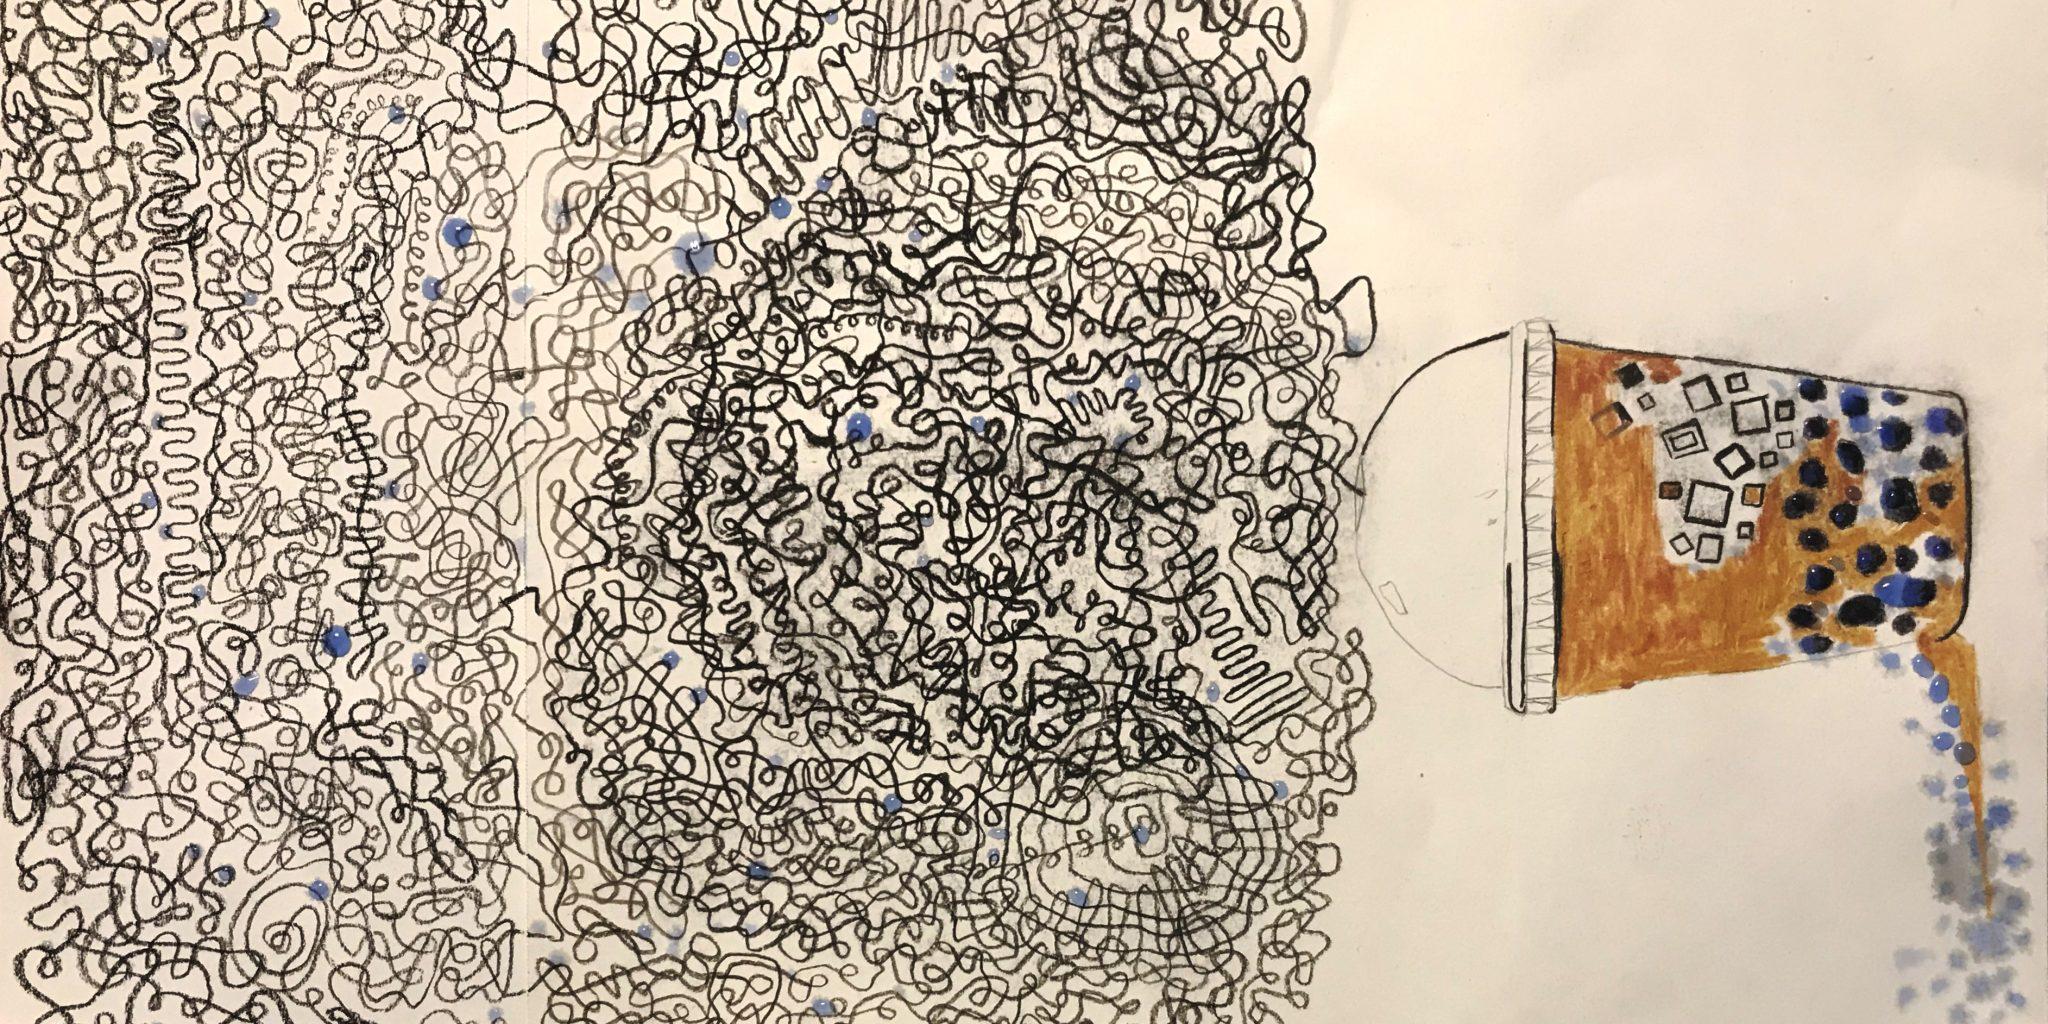 THE CELEBRATION by Zac Smith